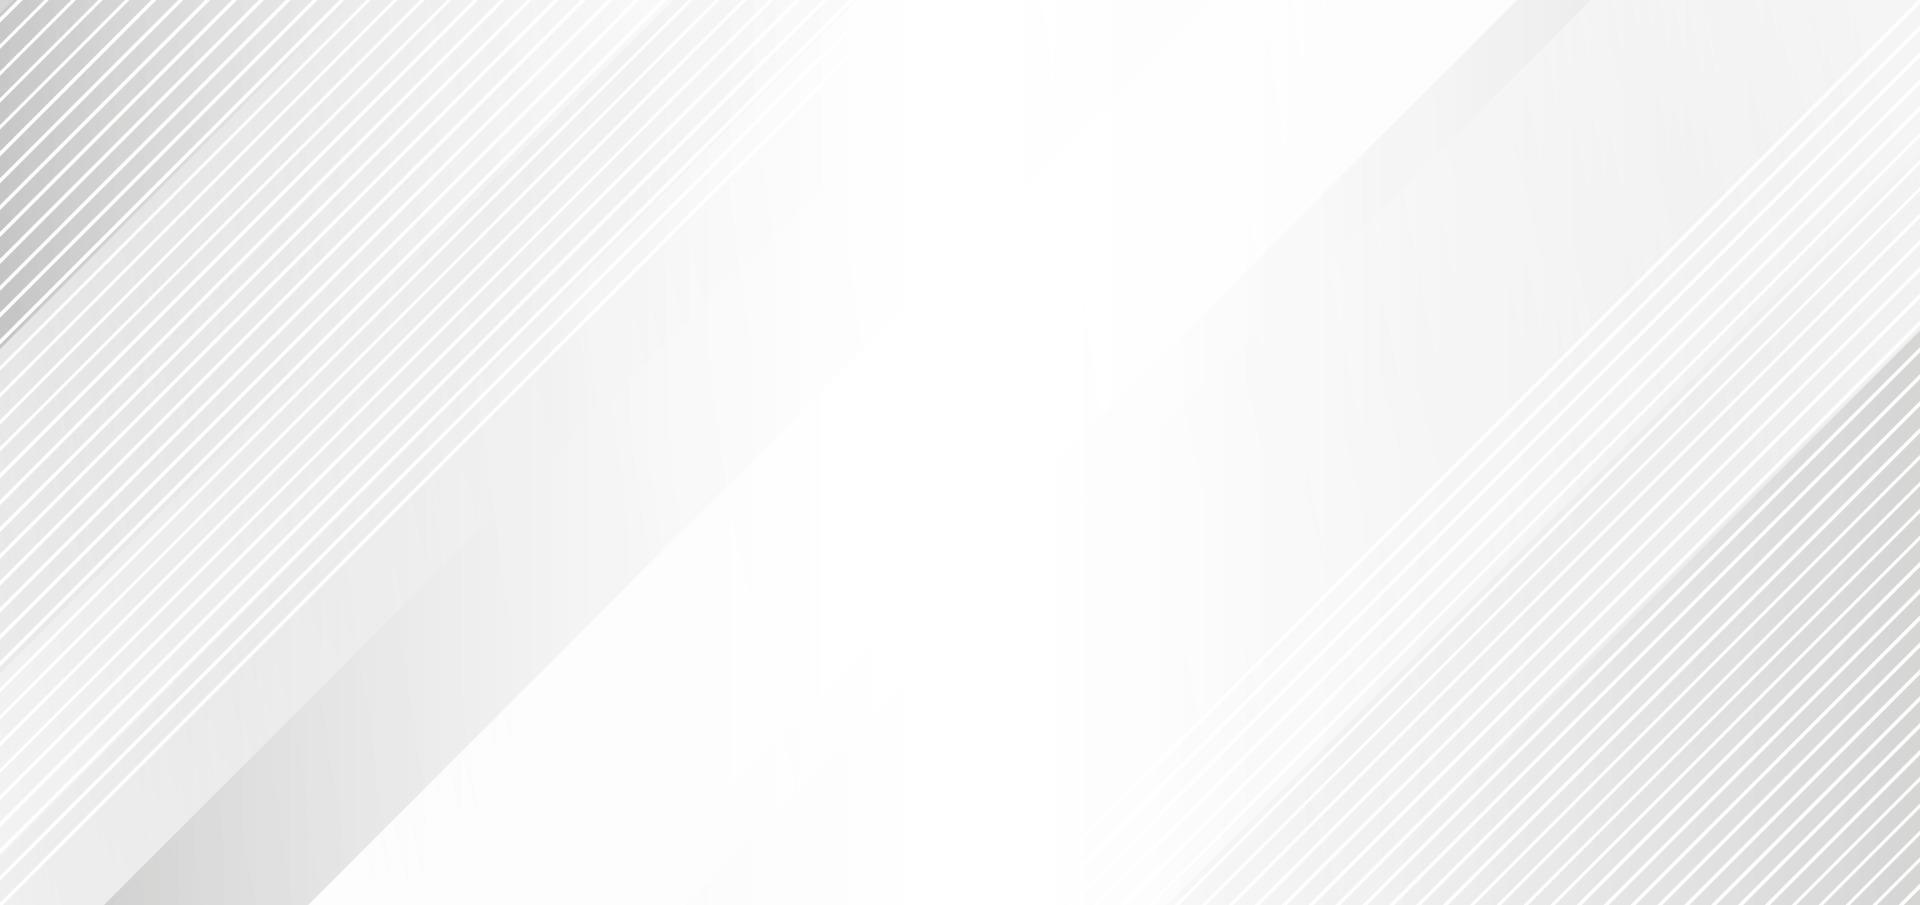 abstrakt elegant vit och grå bakgrund med diagonala ränder. vektor